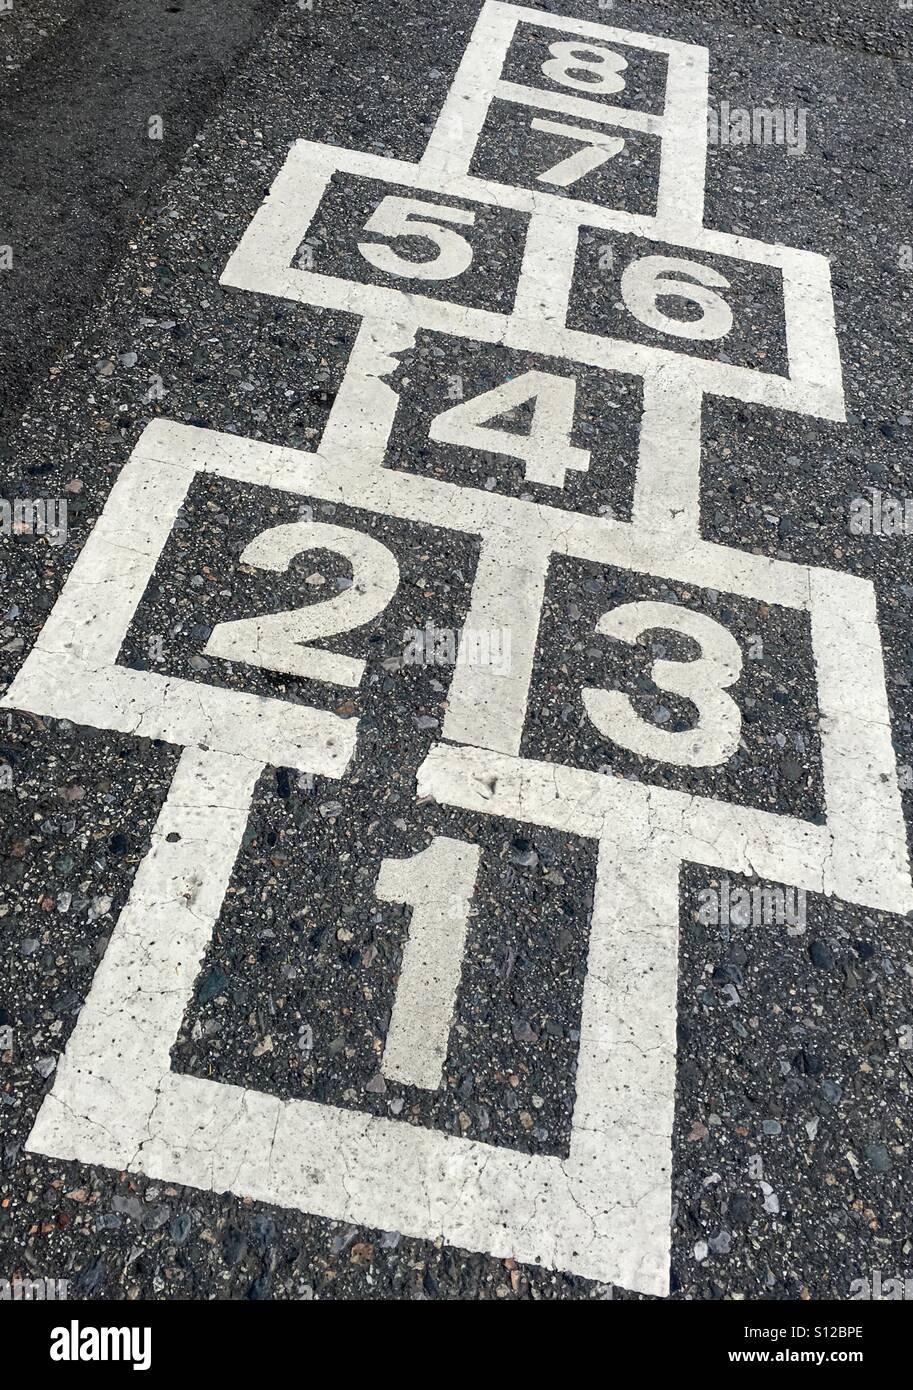 La rayuela cuadrícula numerada. Imagen De Stock